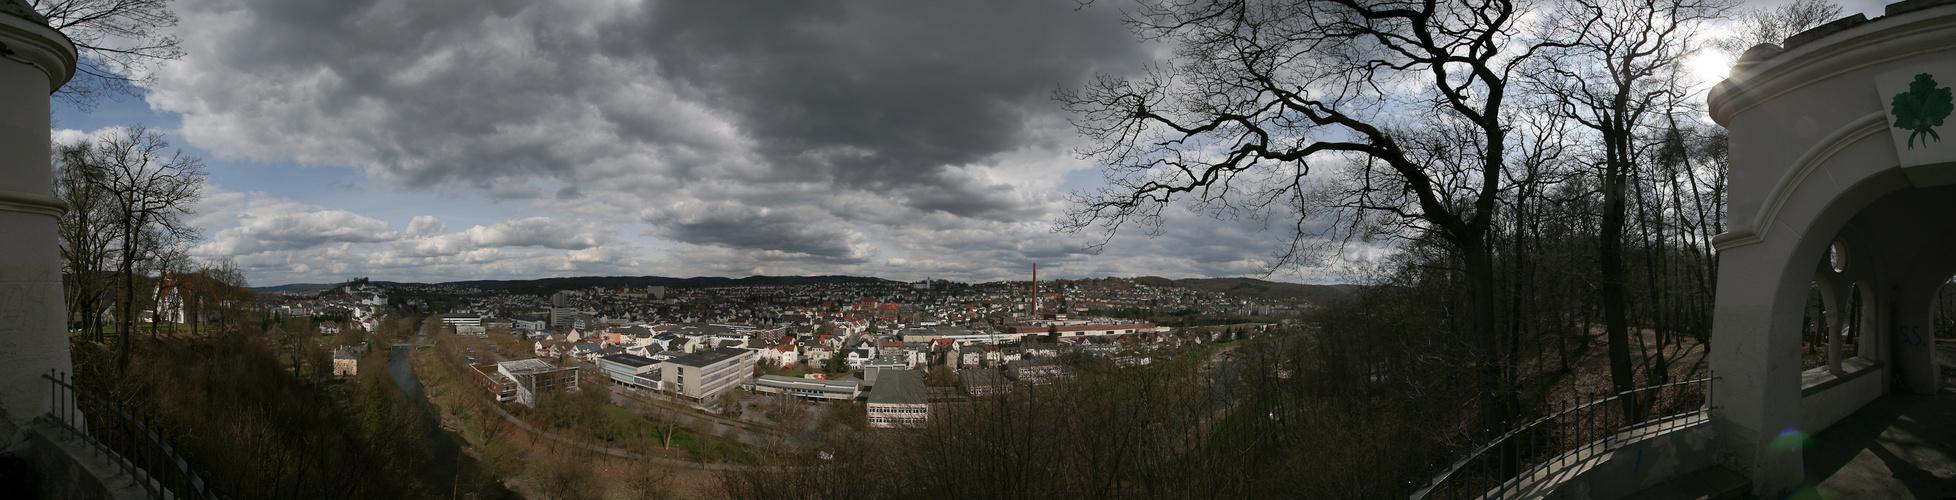 Arnsberg 05.04.2010